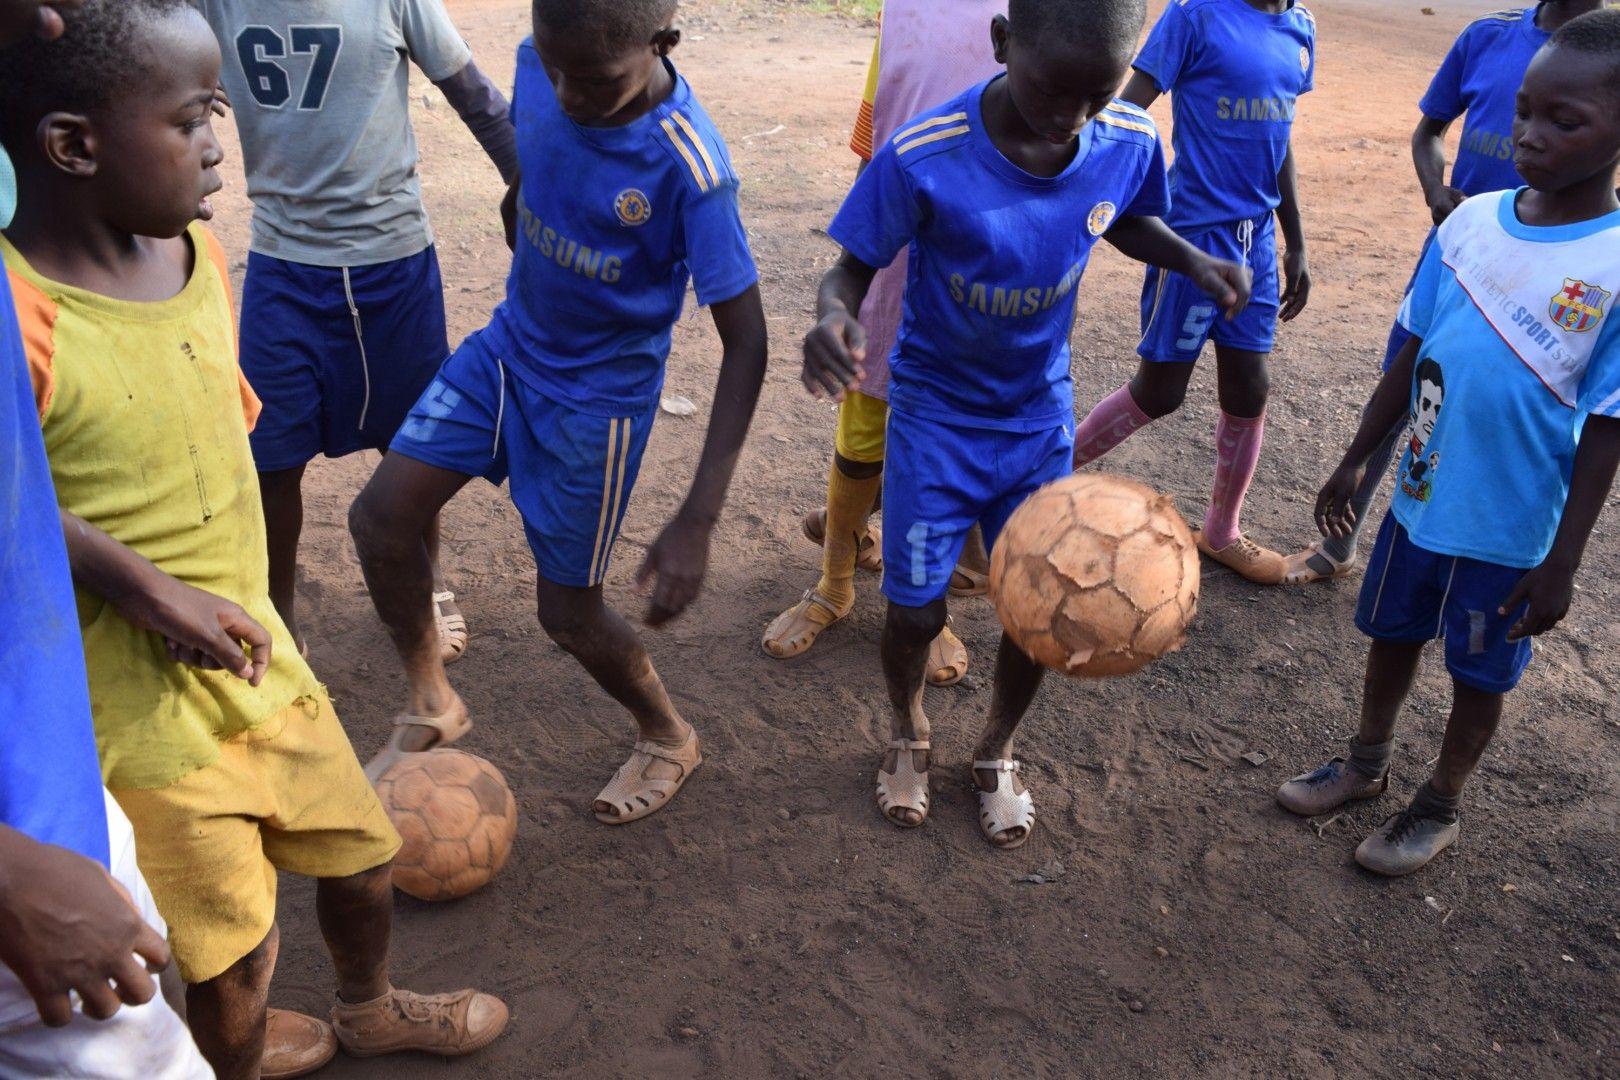 Entra en www.golescontraelhambre.com y ayúdanos a luchas contra la desnutrición infantil practicando el deporte que más te gusta.